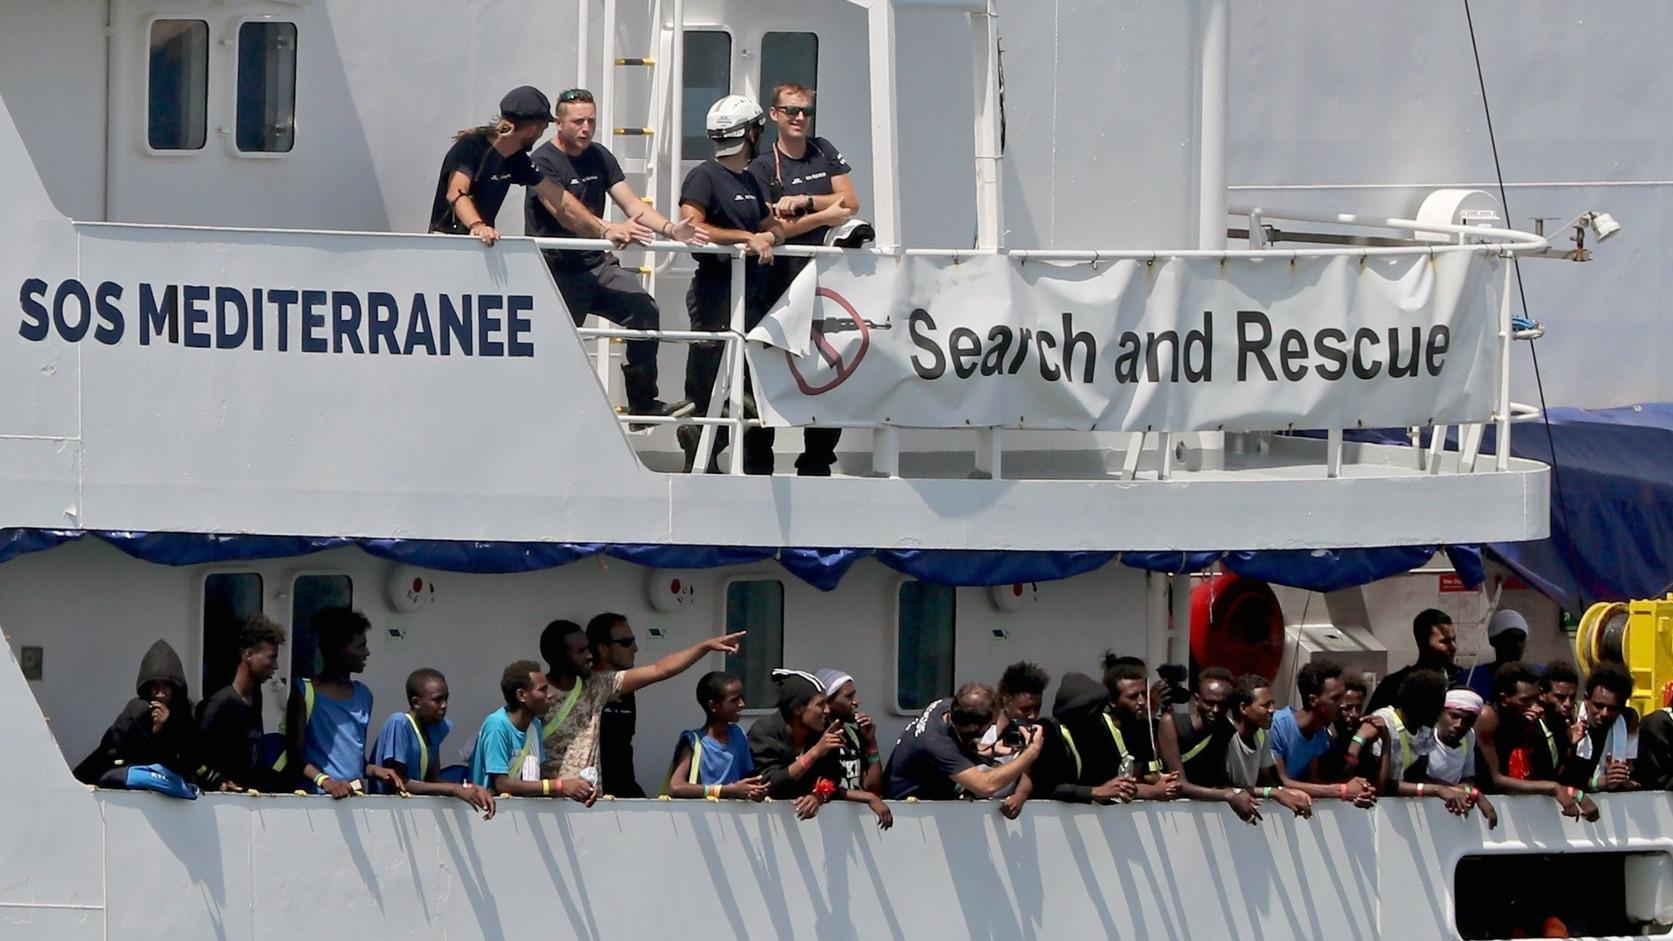 Valletta, 2018. augusztus 15. Az SOS Méditerranée és az Orvosok Határok Nélkül (MSF) civil segélyszervezetek által fenntartott Aquarius mentőhajó 141 afrikai bevándorlóval érkezik a máltai főváros, Valletta kikötőjébe 2018. augusztus 15-én. A máltai kormány azt követően engedélyezte a hajó kikötését, hogy megállapodás született, miszerint Franciaország, Németország, Spanyolország, Portugália és Luxemburg befogadja az Aquarius utasait. A mentőhajó a többségében szomáliai és eritreai migránsokat a Földközi-tengeren vette a fedélzetére öt nappal korábban. (MTI/EPA/Domenic Aquilina)